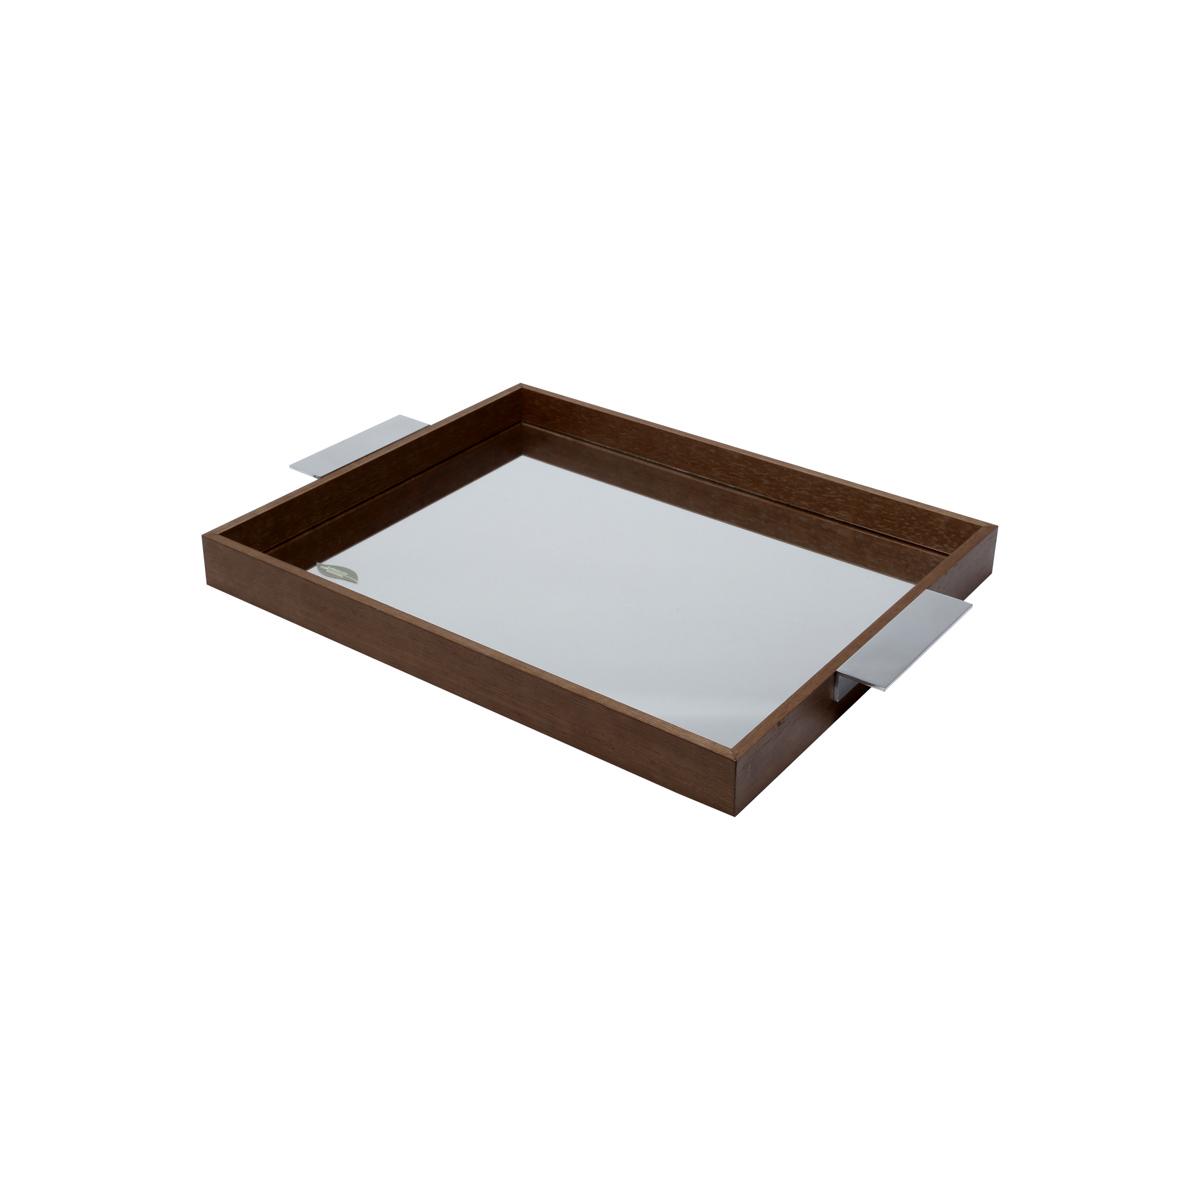 Bandeja Madeira C/ Espelho Naturals 40X30X5 cm